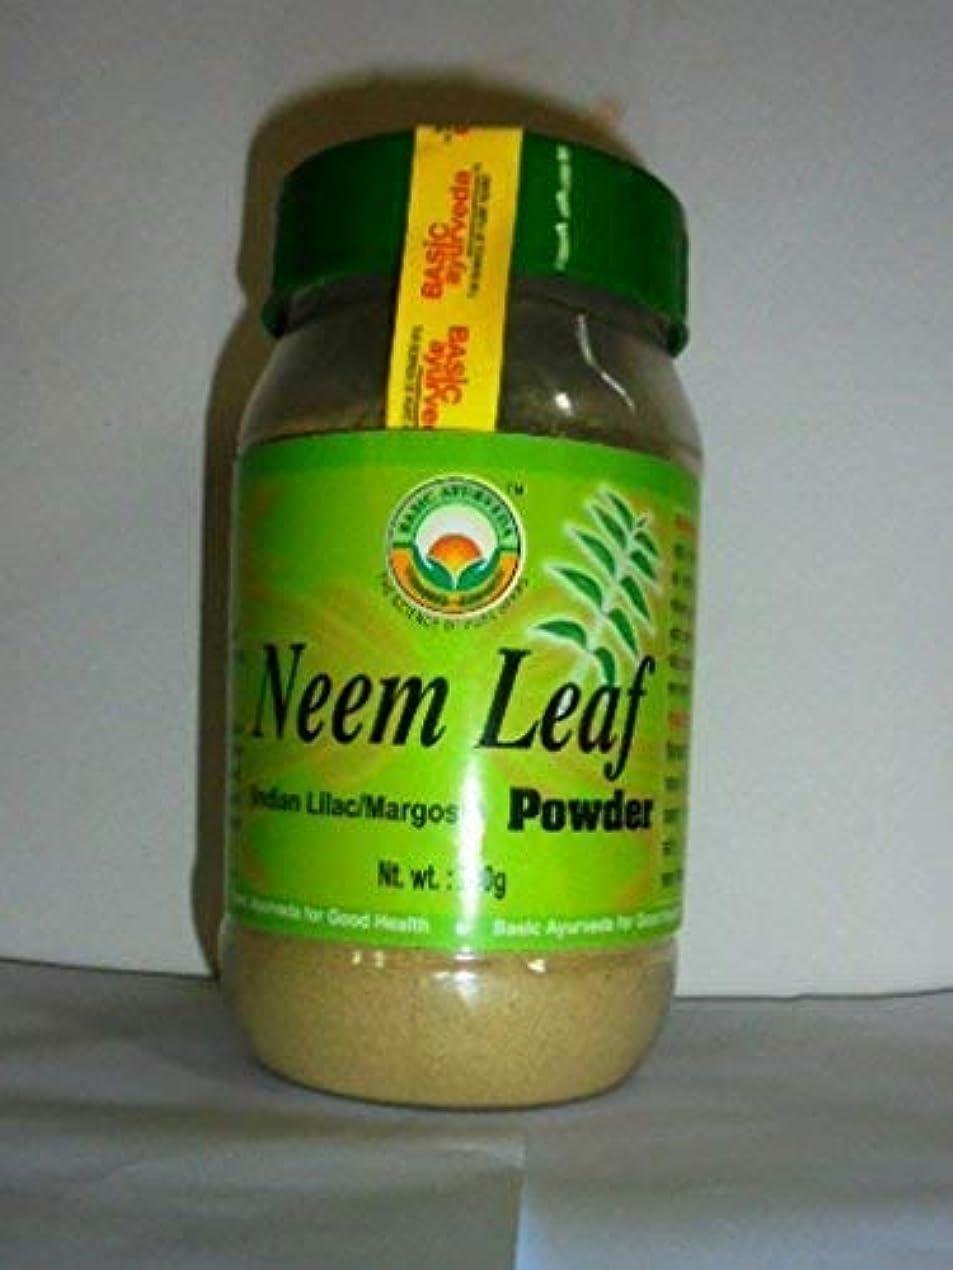 インテリア安いです皿Nexxa 200g Pure Natural Basic Ayurveda Neem Leaf Powder Indian Lilac